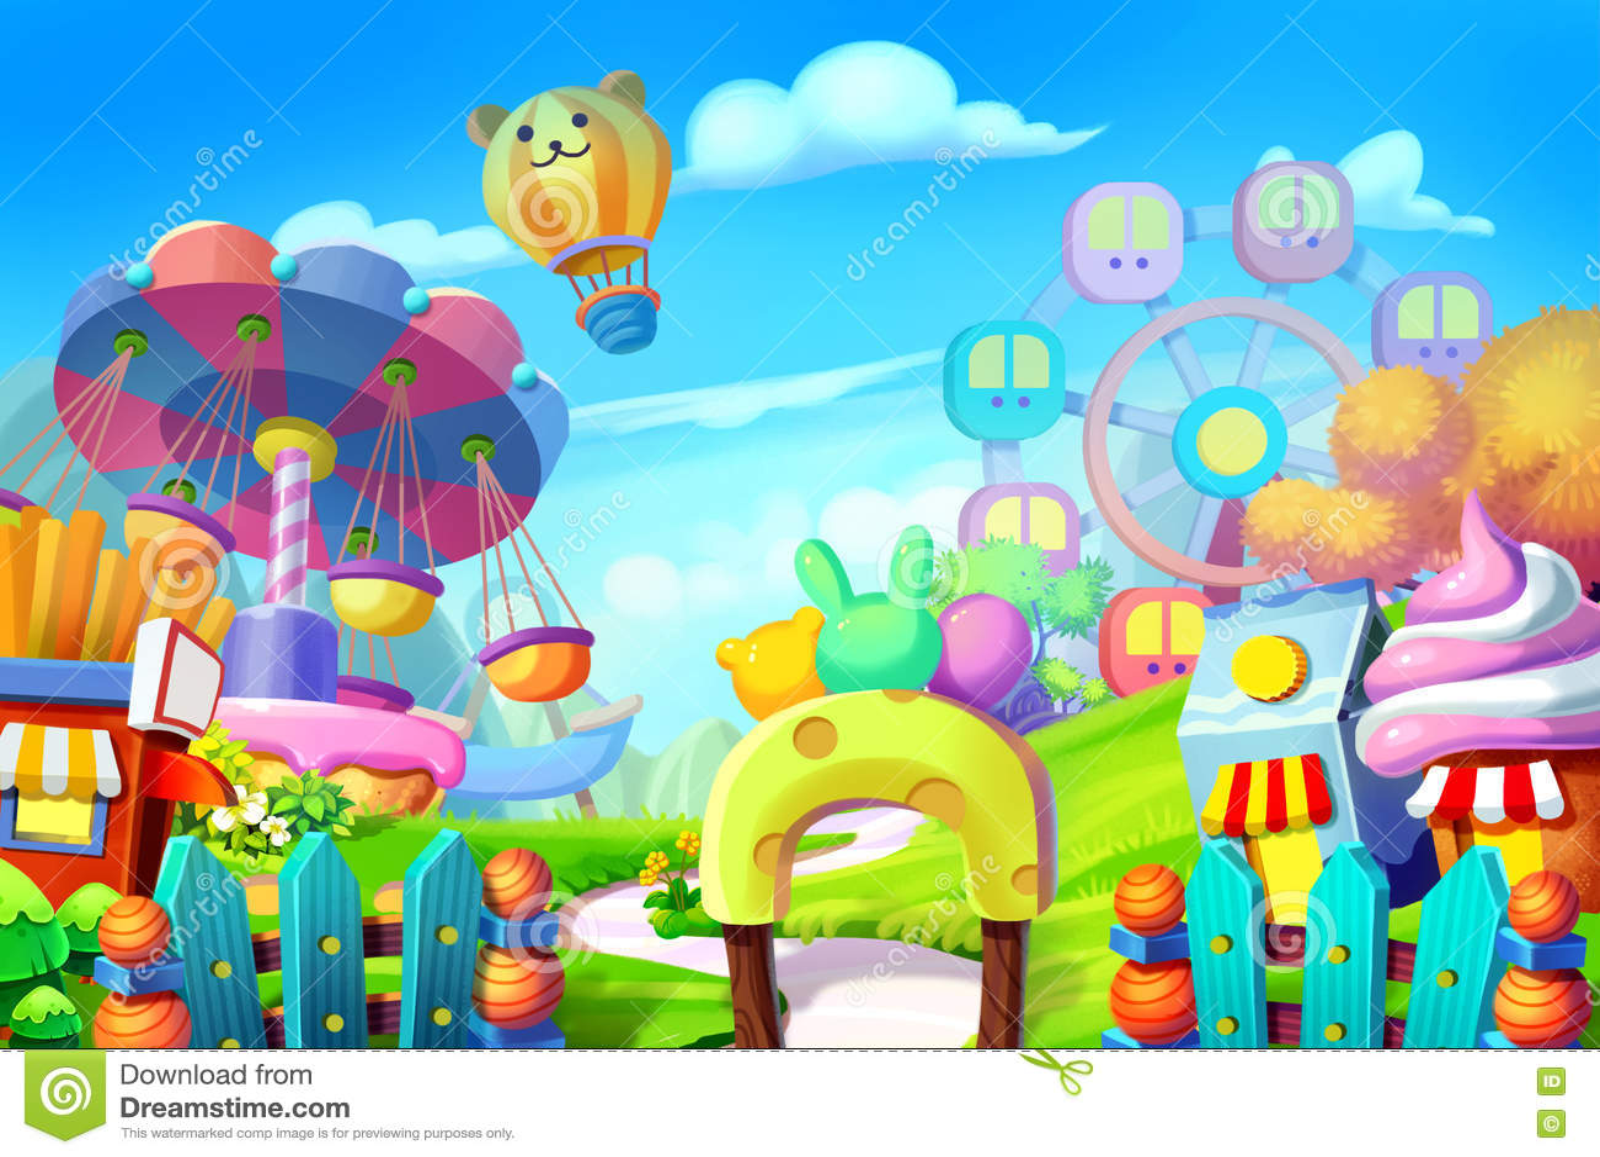 Ejemplo creativo y arte innovador: Fondo fijado: Patio colorido, parque de atracciones